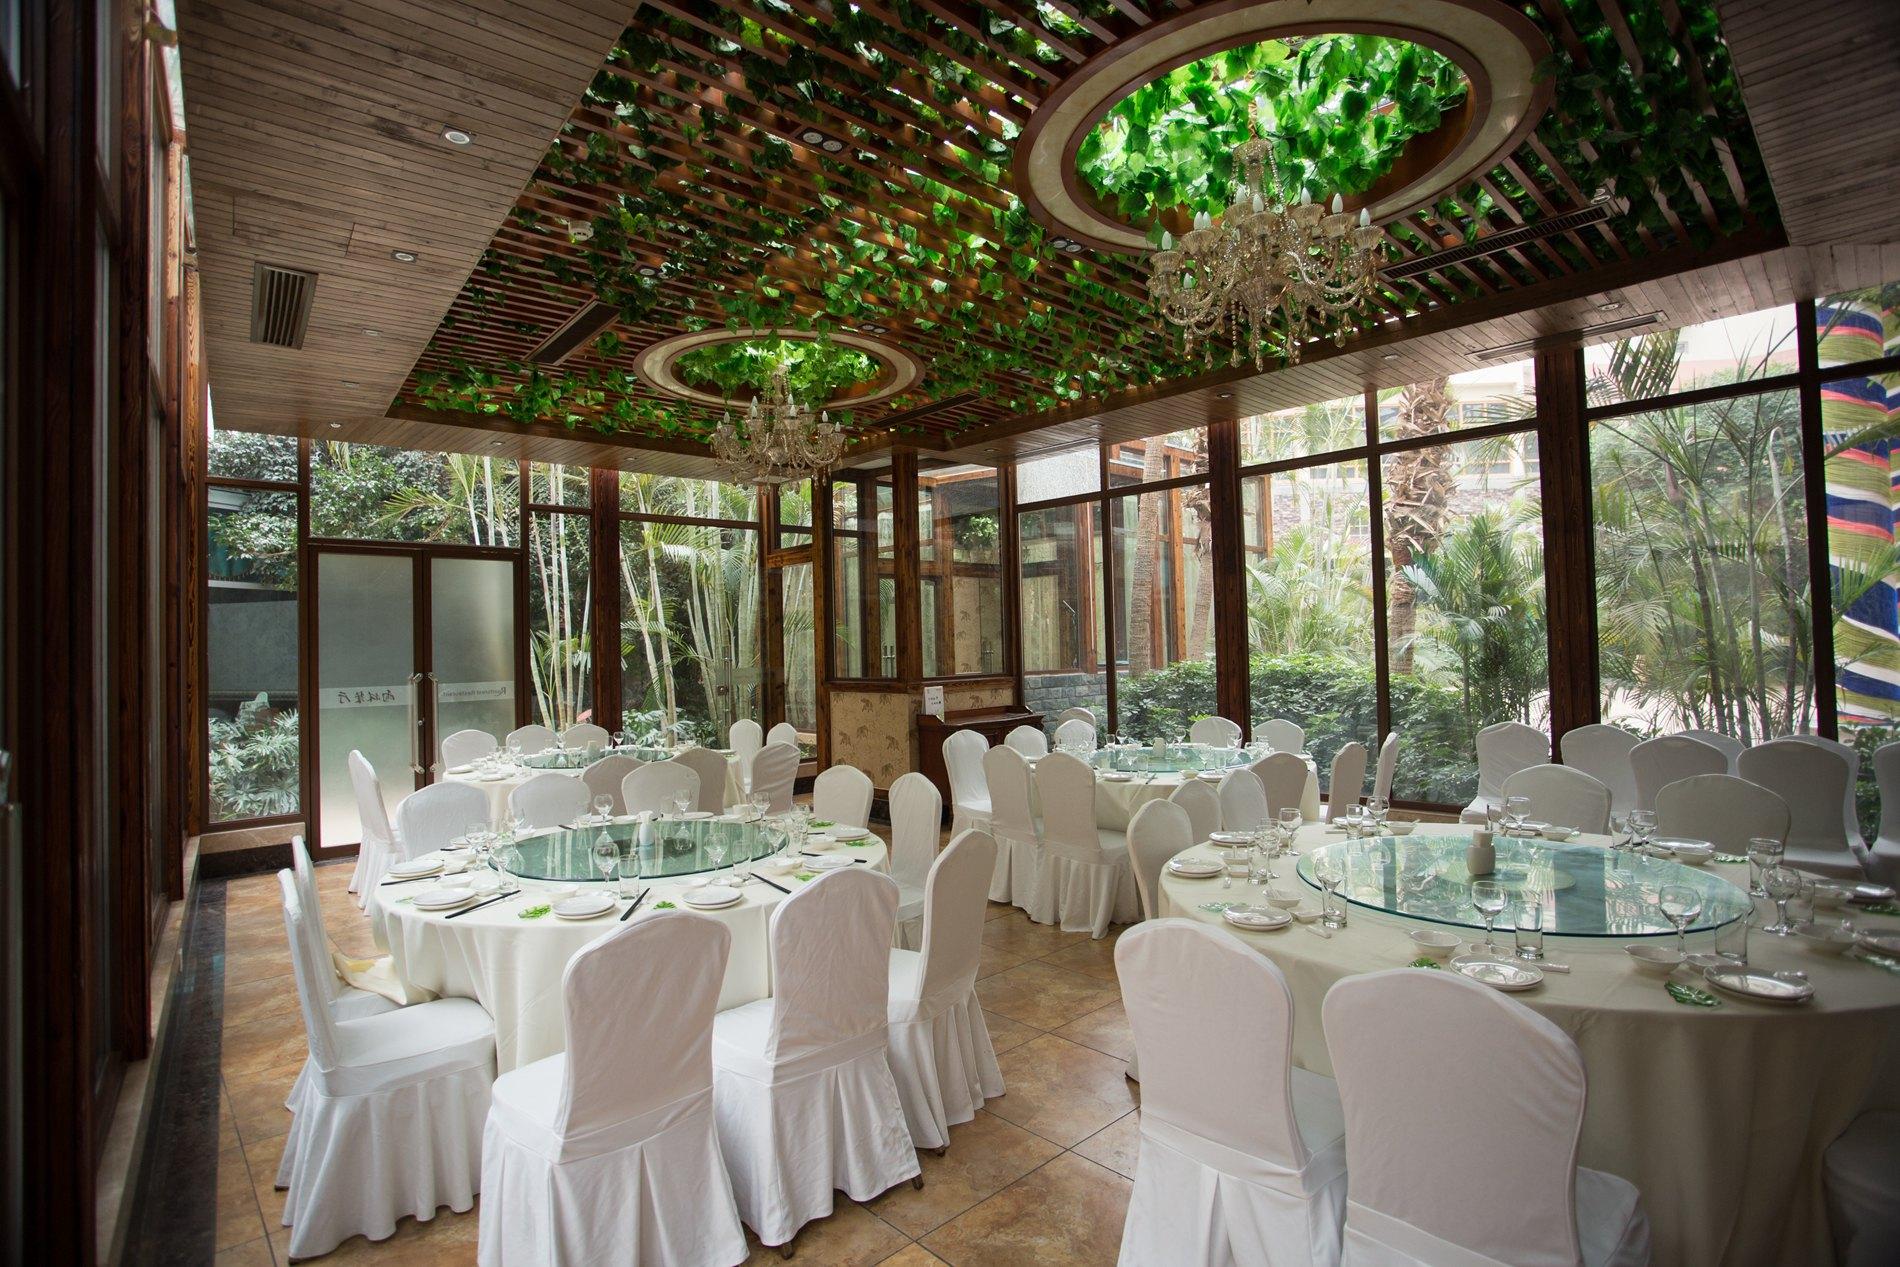 热带雨林中餐厅